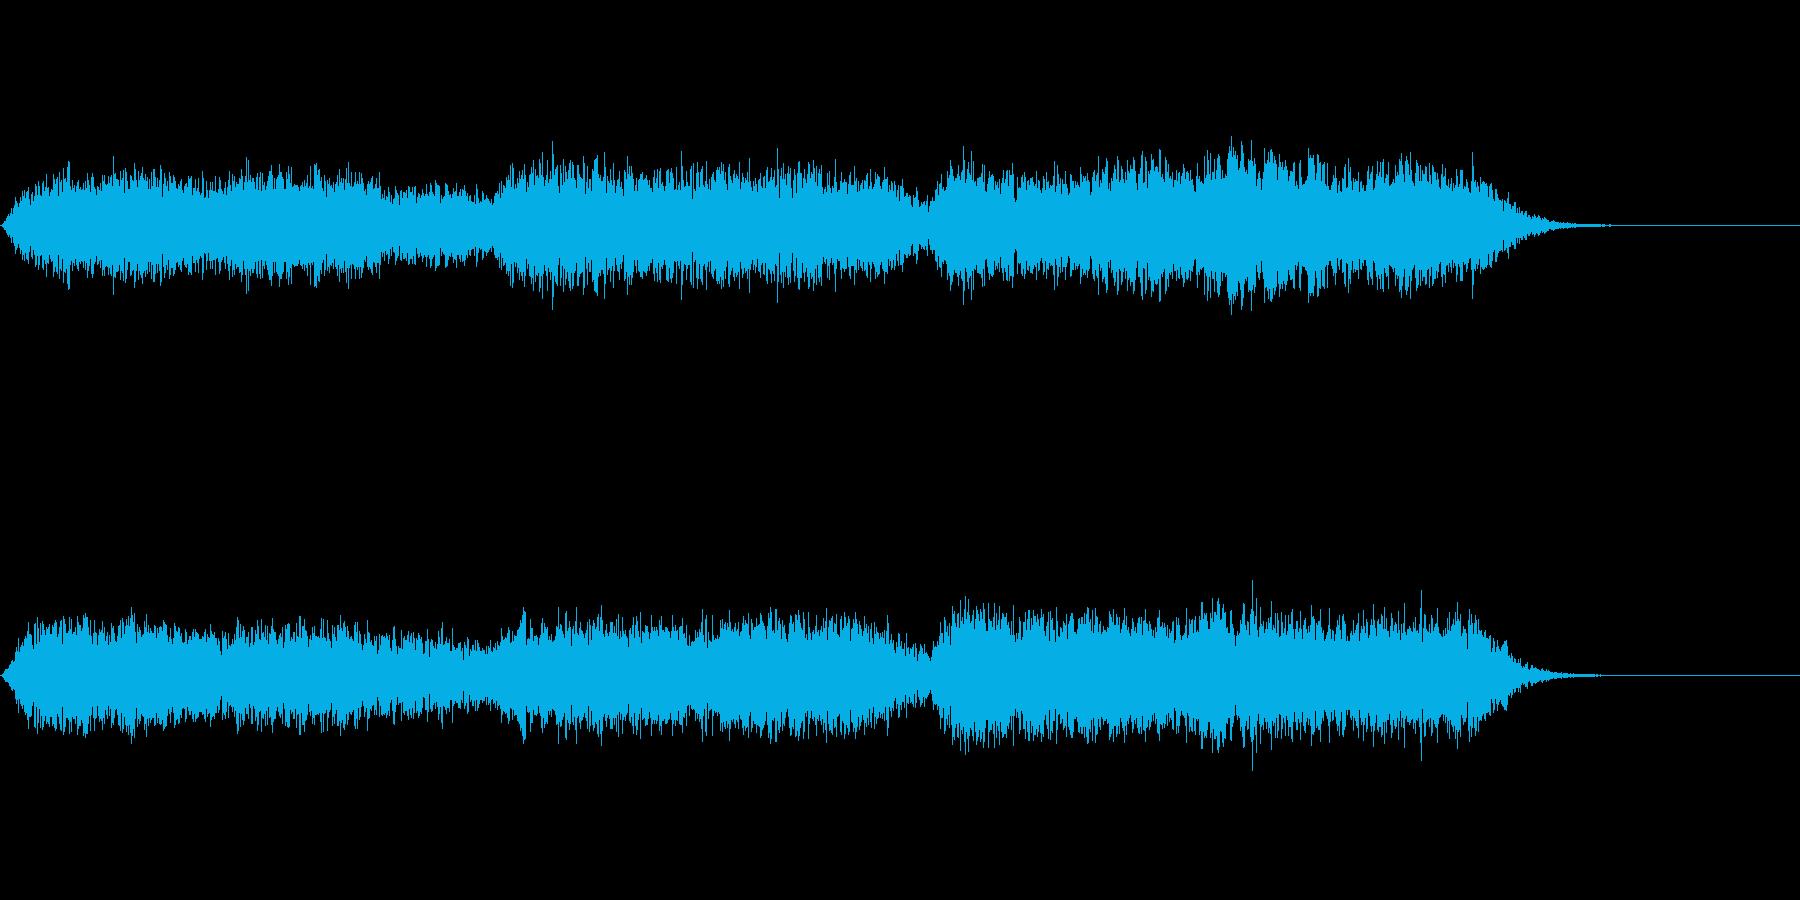 アンビエント的な1:54秒の音楽ですの再生済みの波形